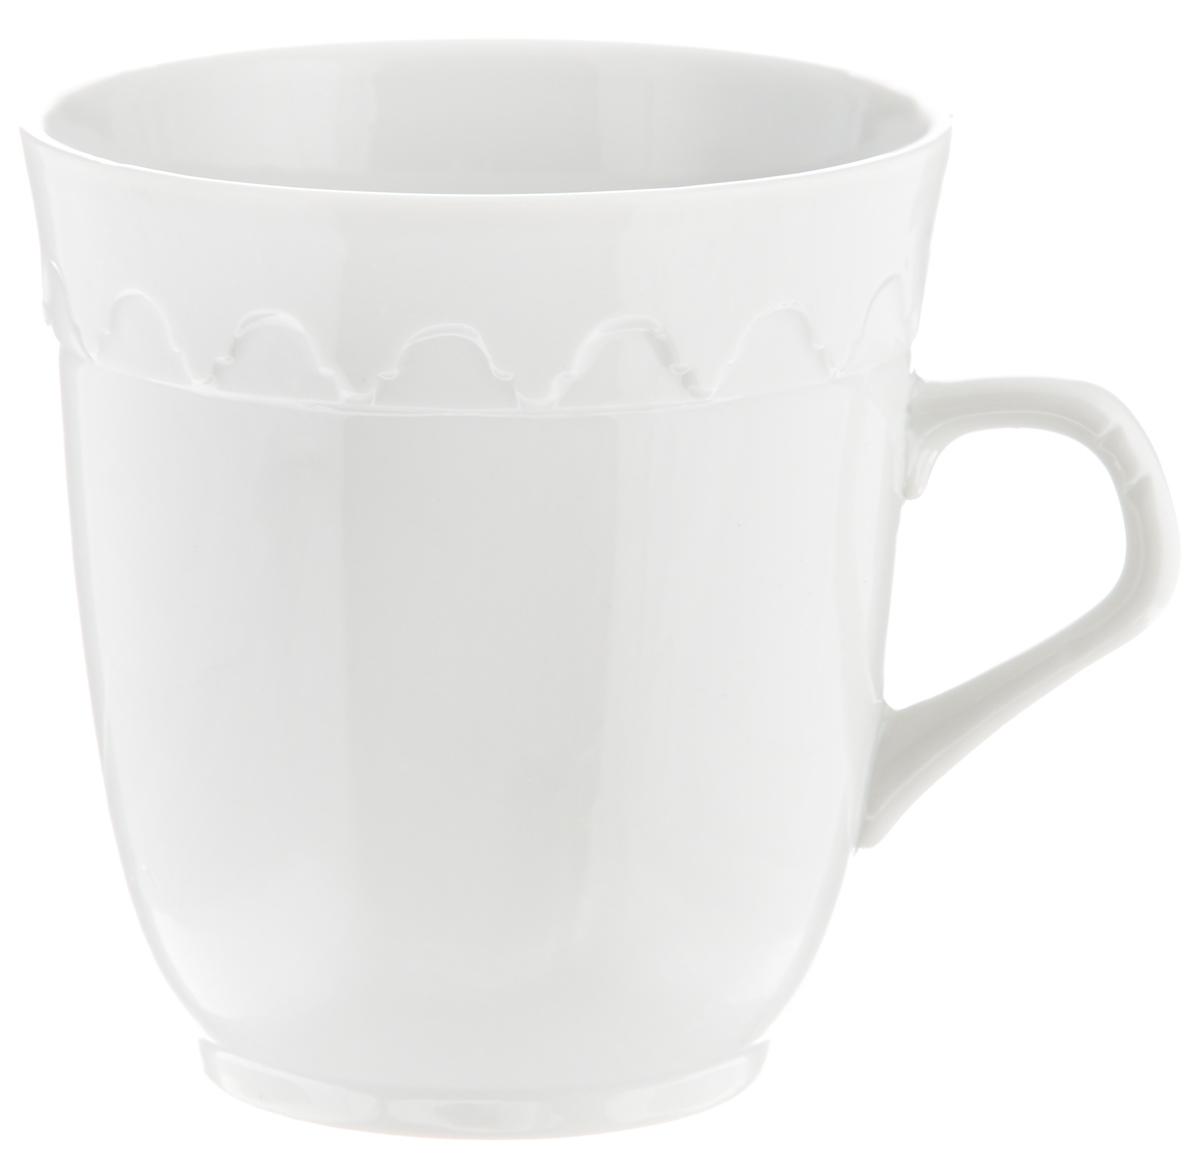 Кружка Фарфор Вербилок Арабеска, 250 мл2432000БКрасивая кружка Фарфор Вербилок Арабеска способна скрасить любое чаепитие. Изделие выполнено из высококачественного фарфора и украшено рельефом. Посуда из такого материала позволяет сохранить истинный вкус напитка, а также помогает ему дольше оставаться теплым.Объем кружки: 250 мл.Диаметр по верхнему краю: 8,5 см.Диаметр основания: 5,5 см.Высота кружки: 9 см.